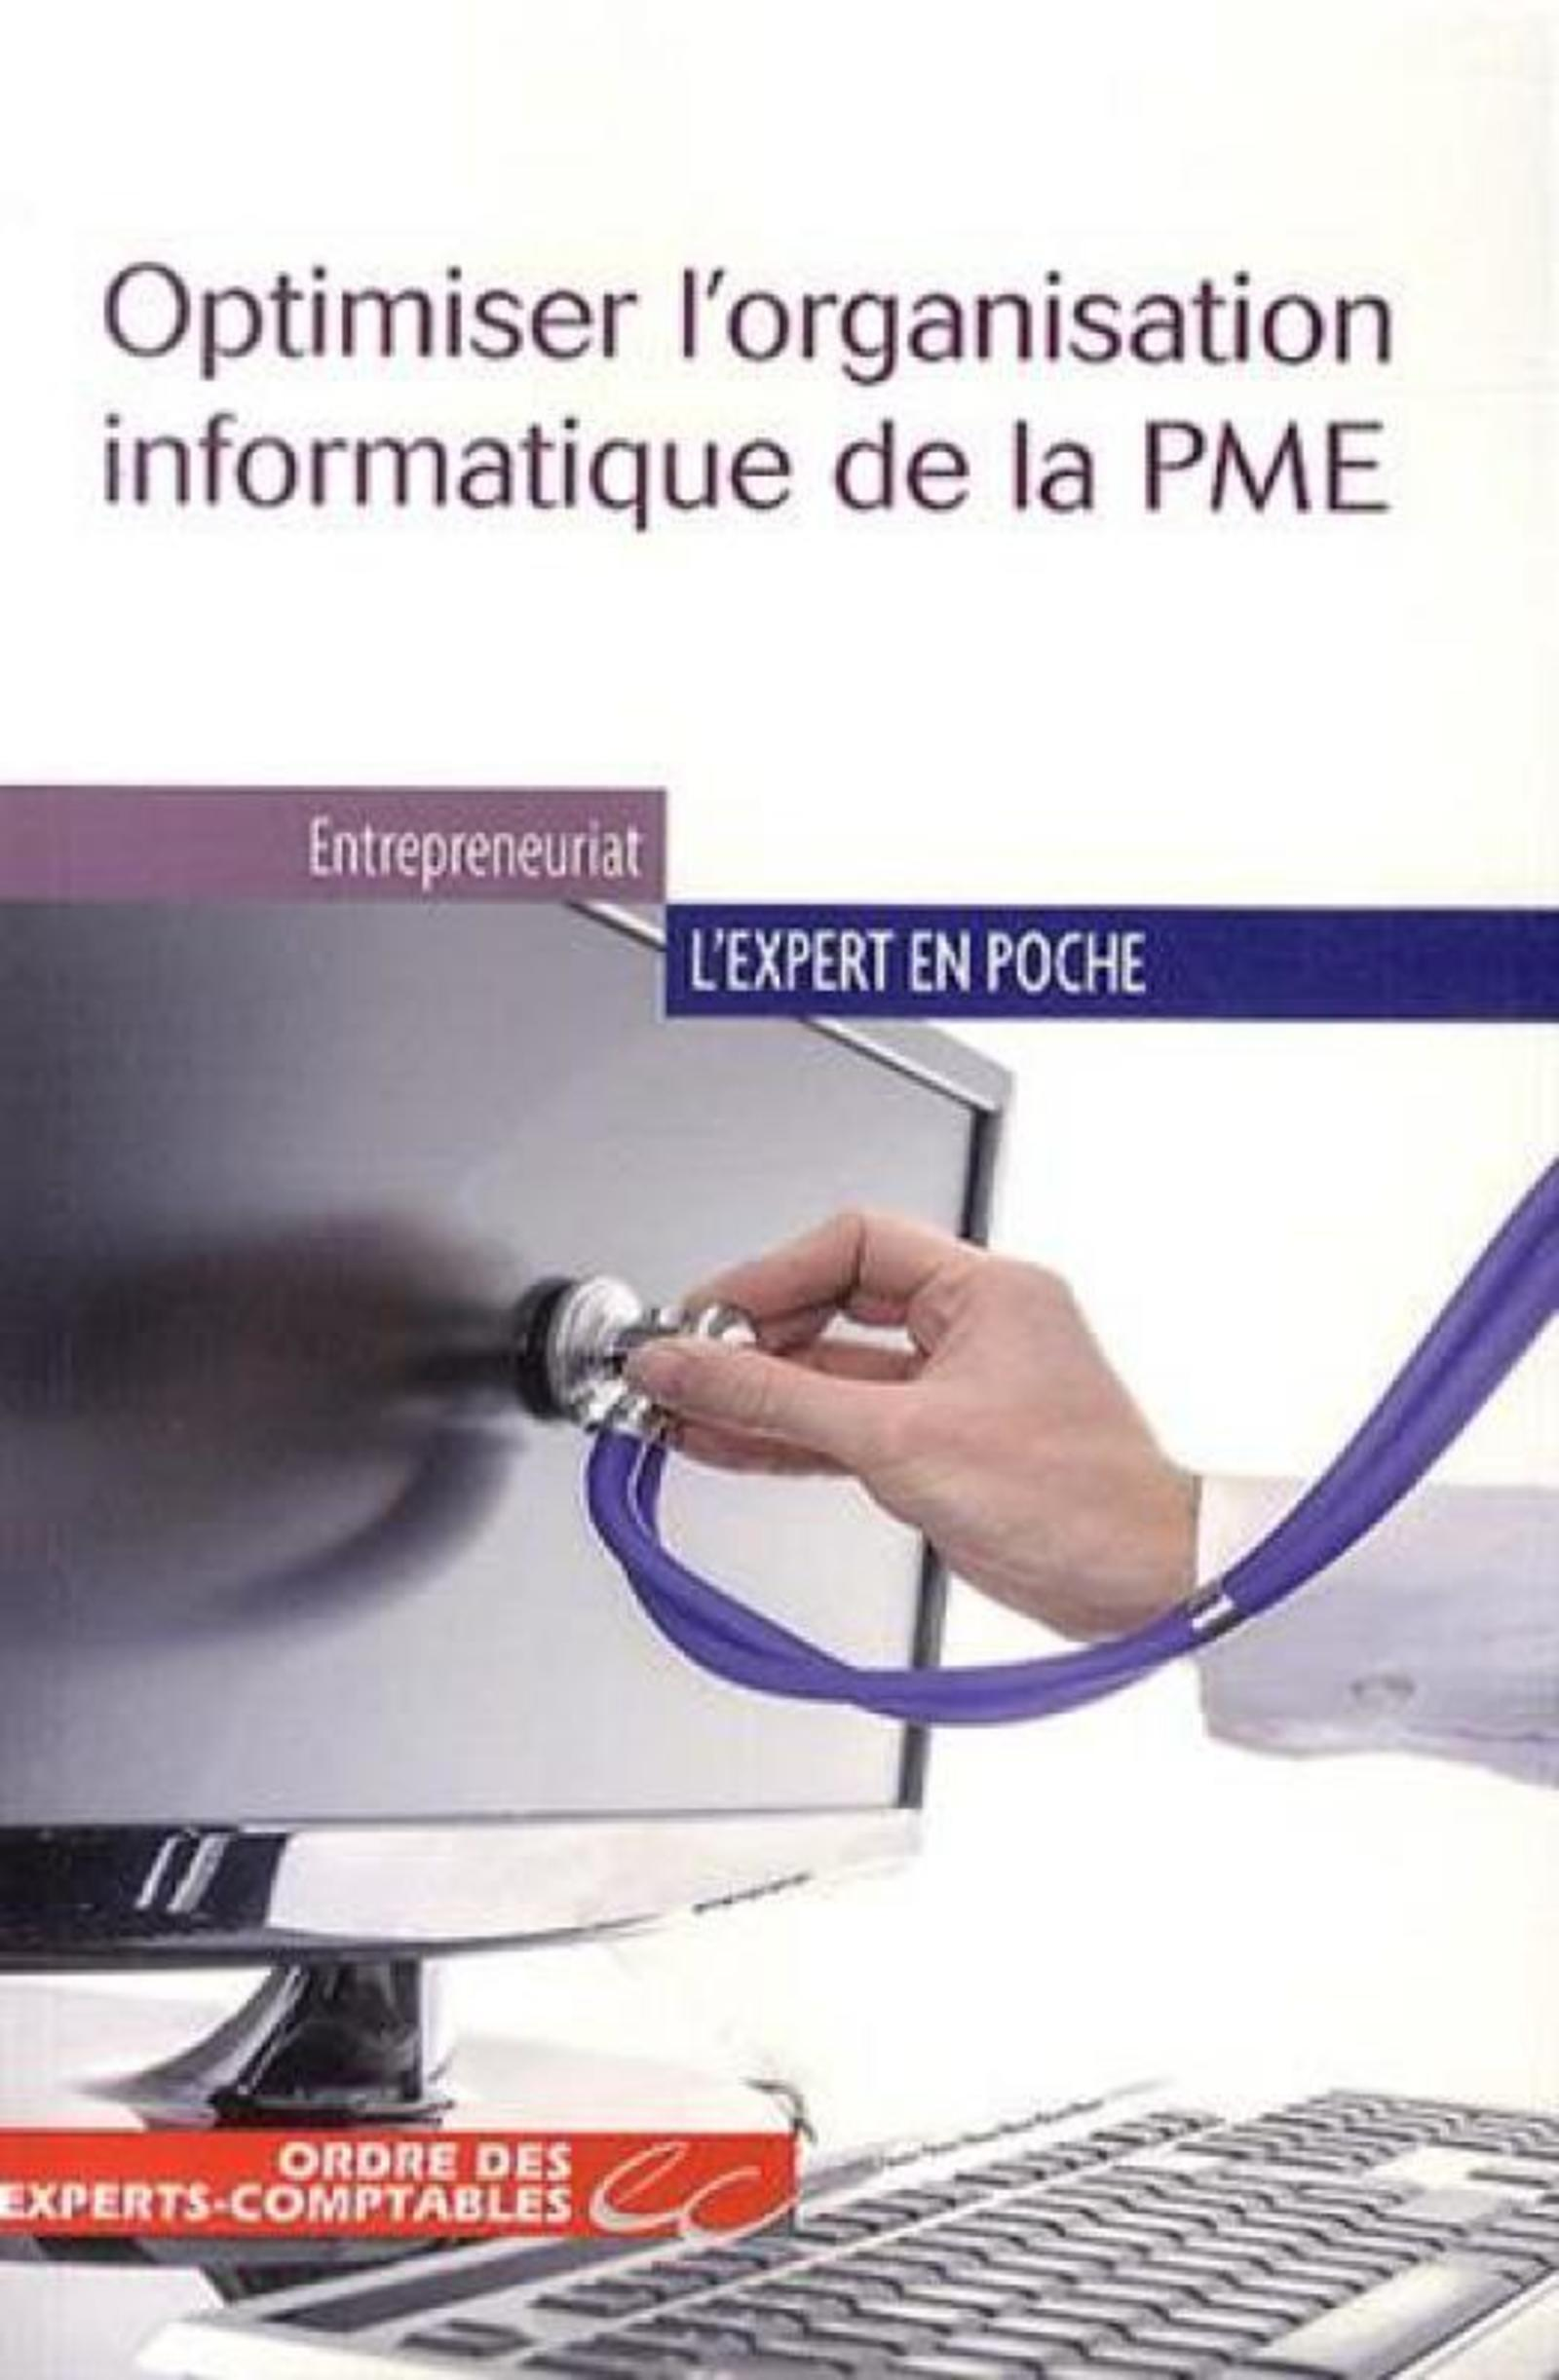 OPTIMISER L'ORGANISATION INFORMATIQUE DE LA PME